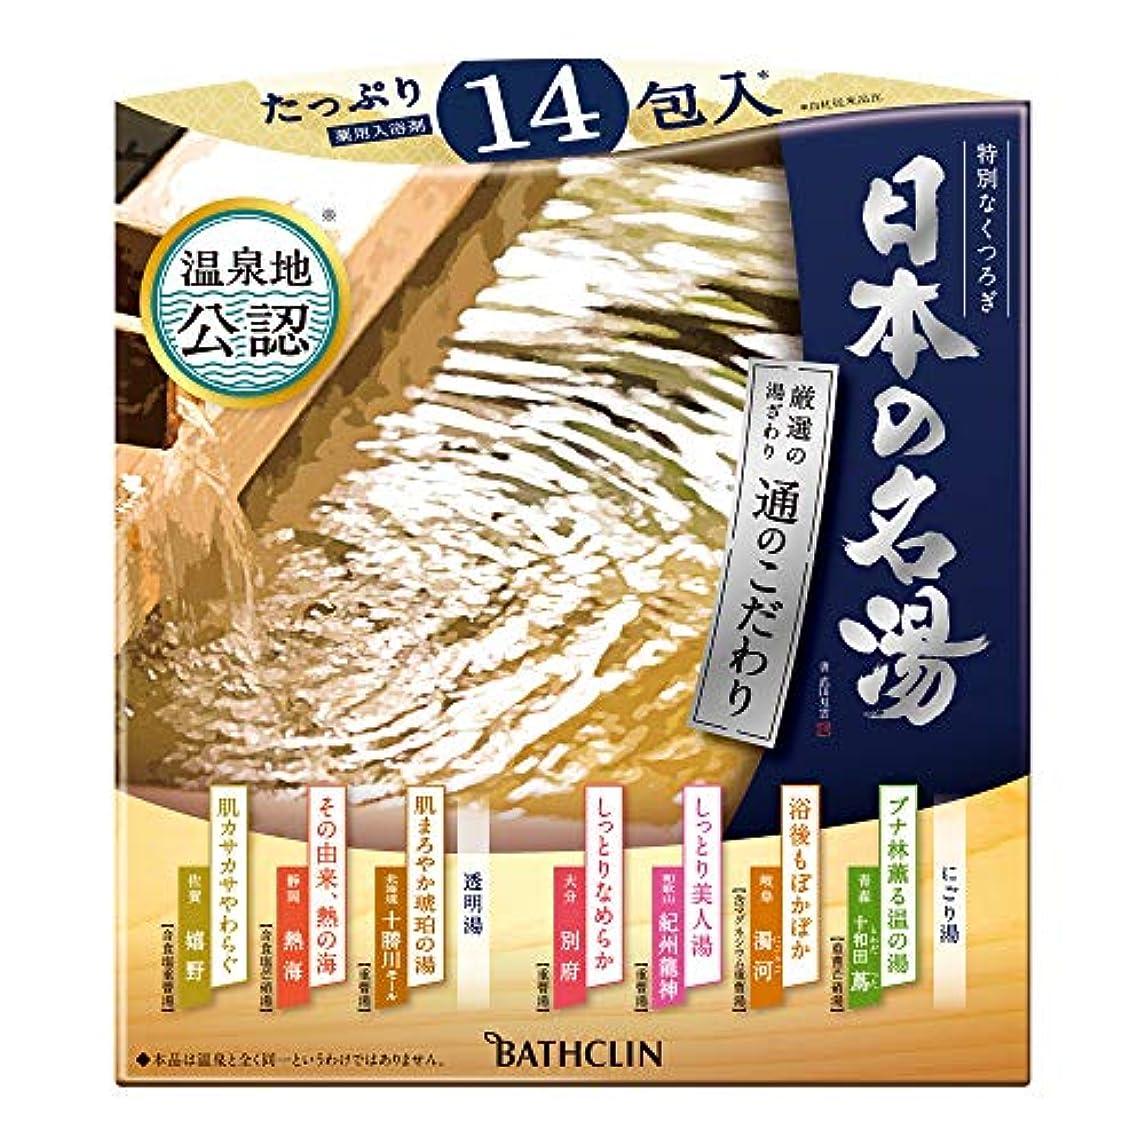 利点ペグ性差別【医薬部外品】バスクリン 日本の名湯 入浴剤 通のこだわり 30g×14包 個包装詰め合わせ 温泉タイプ